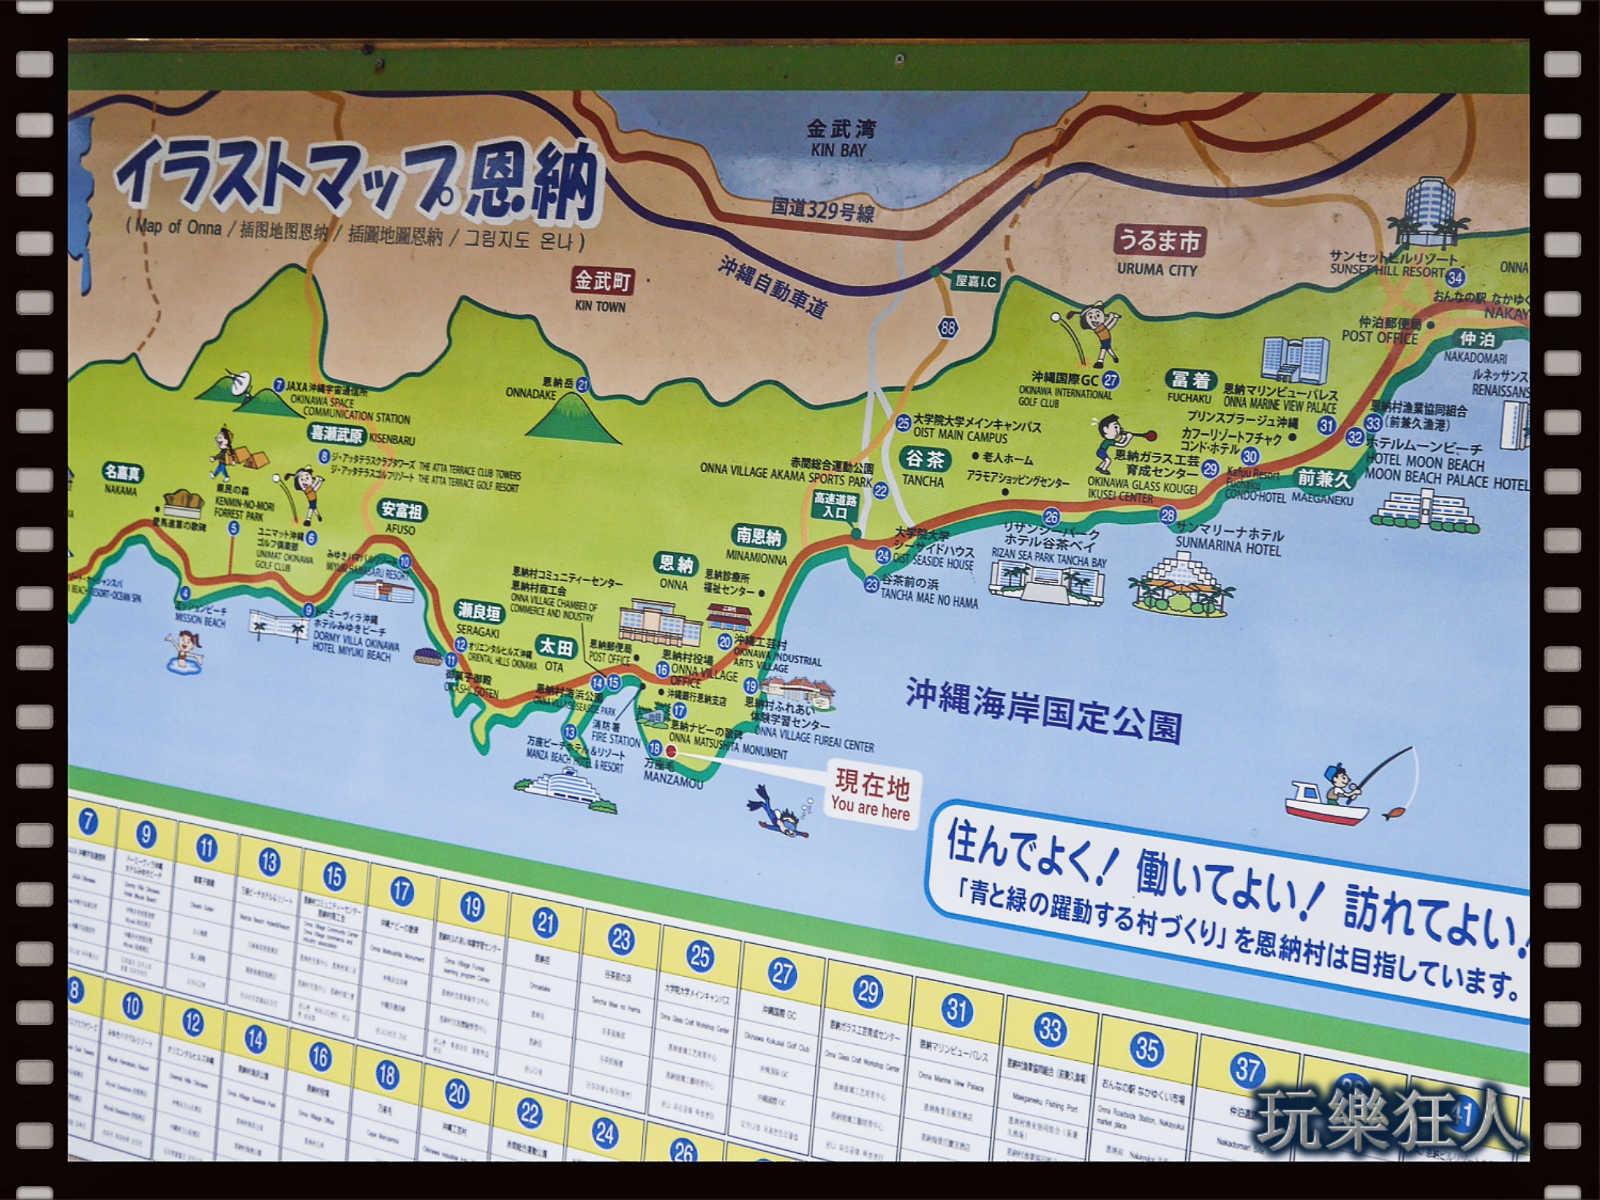 『萬座毛』沖繩海岸國定公園地圖